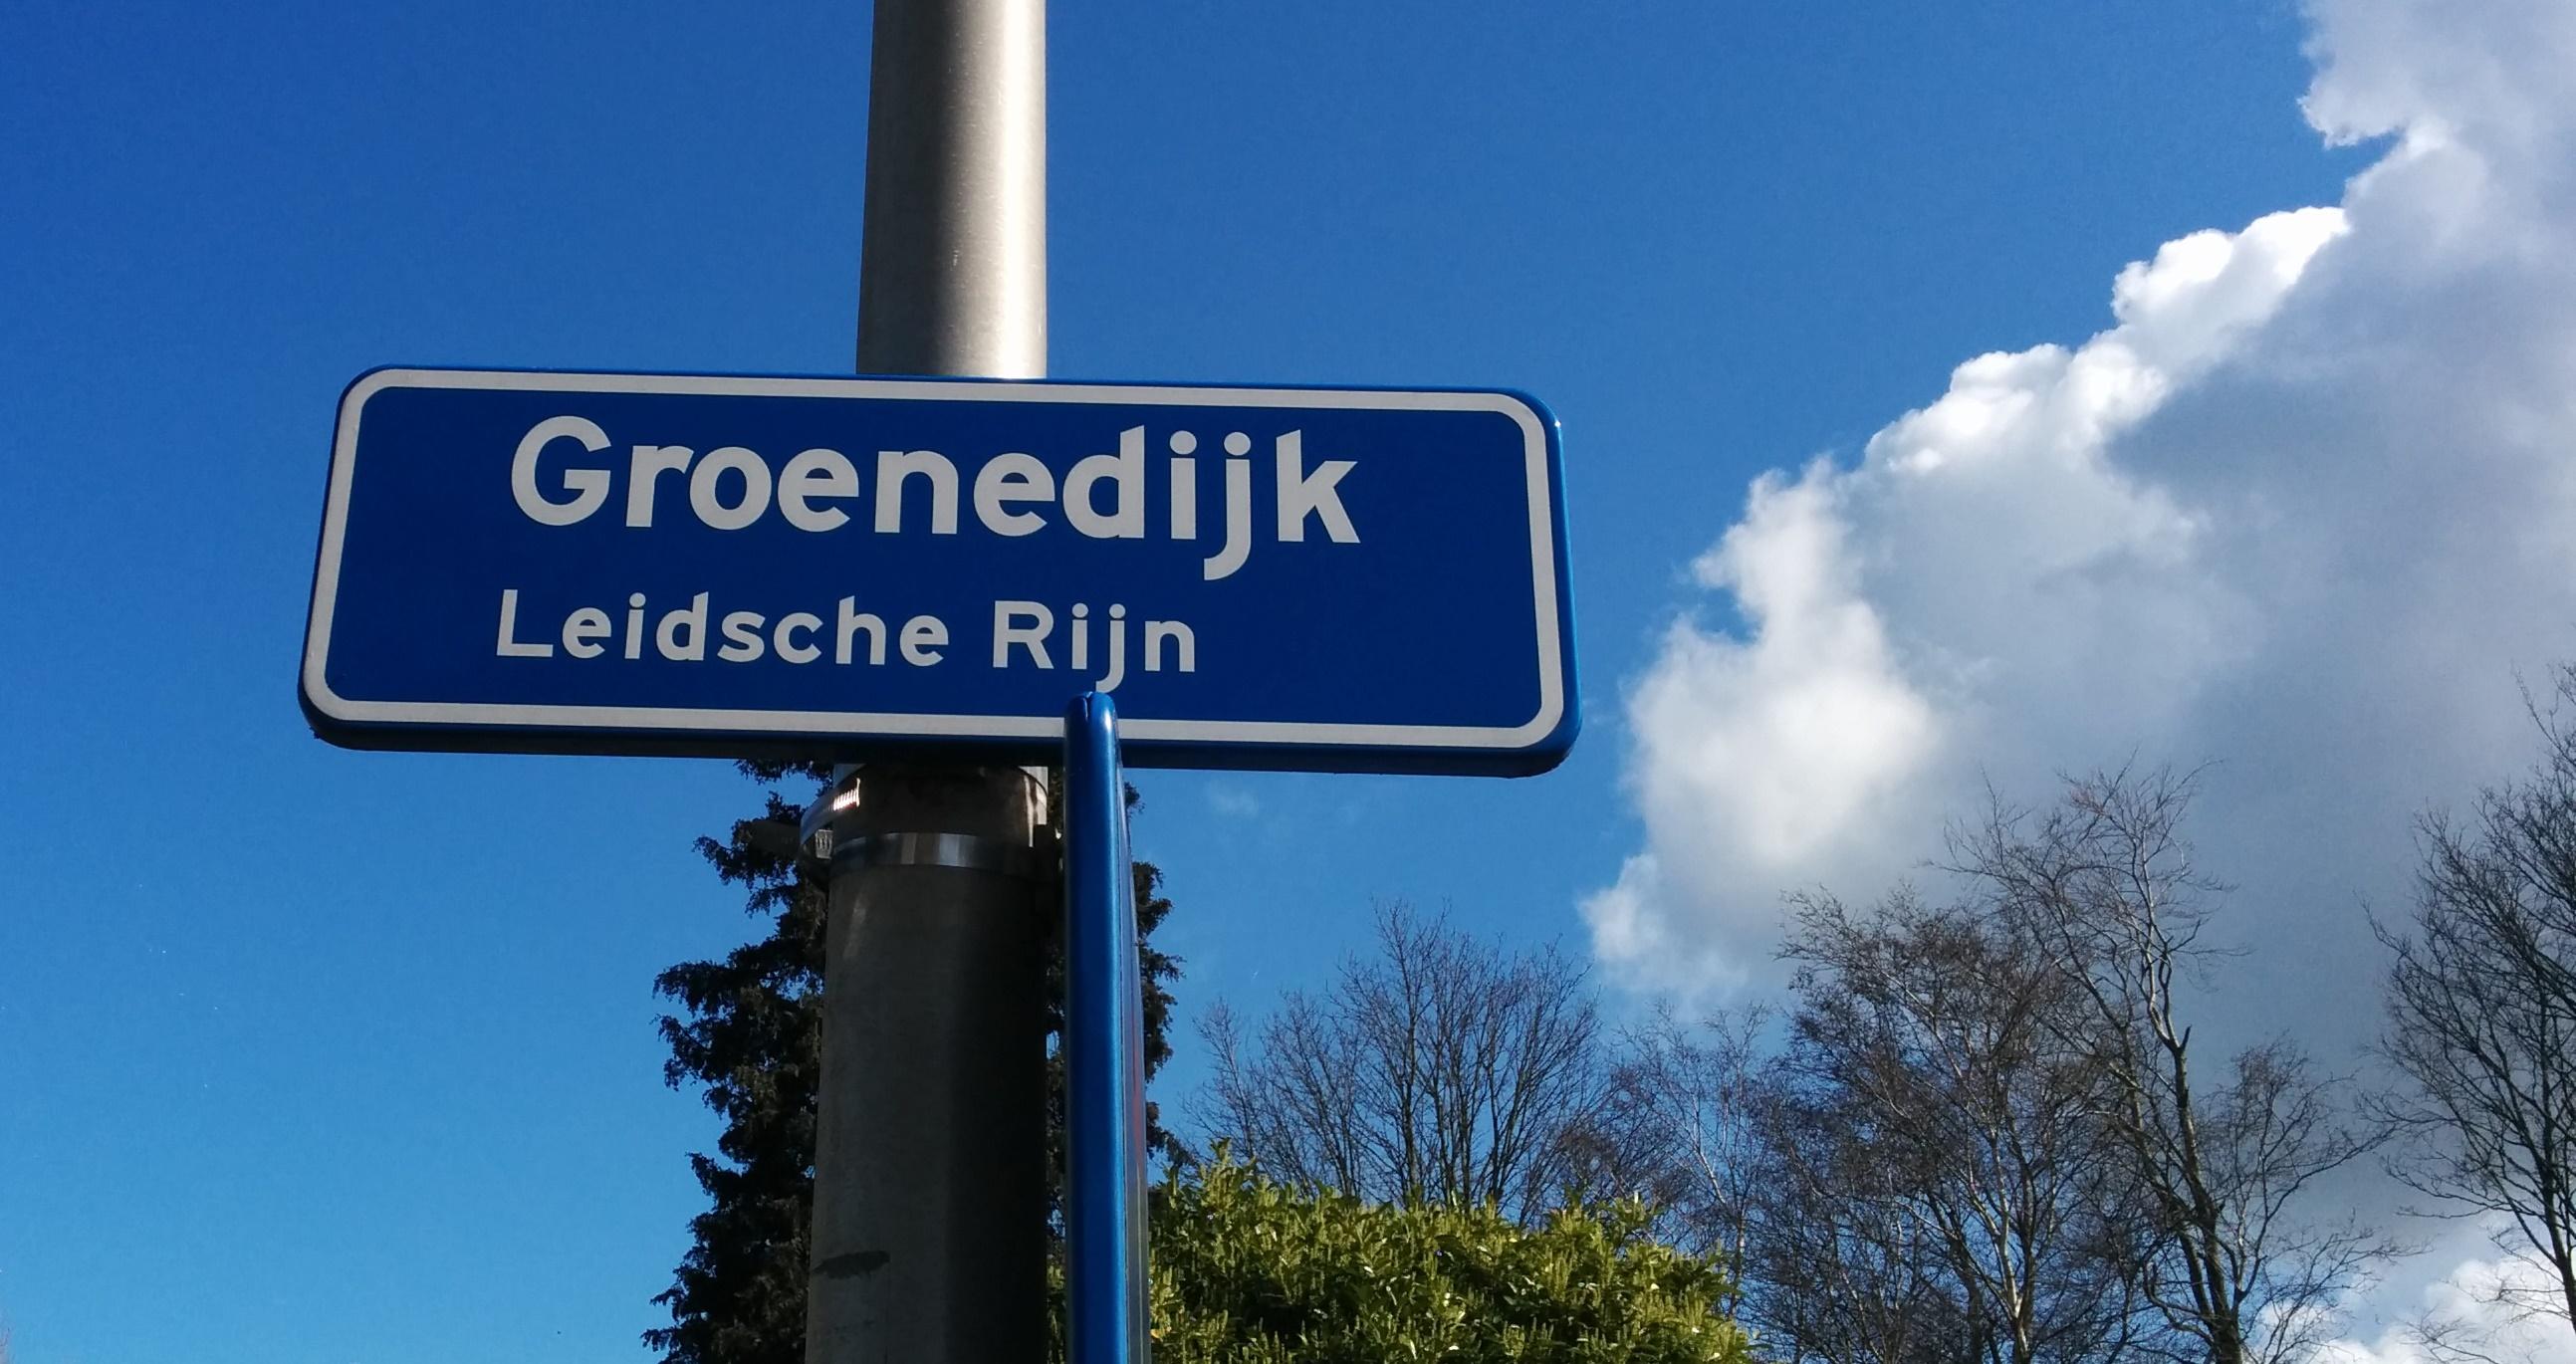 Groenedijk straatnaambord